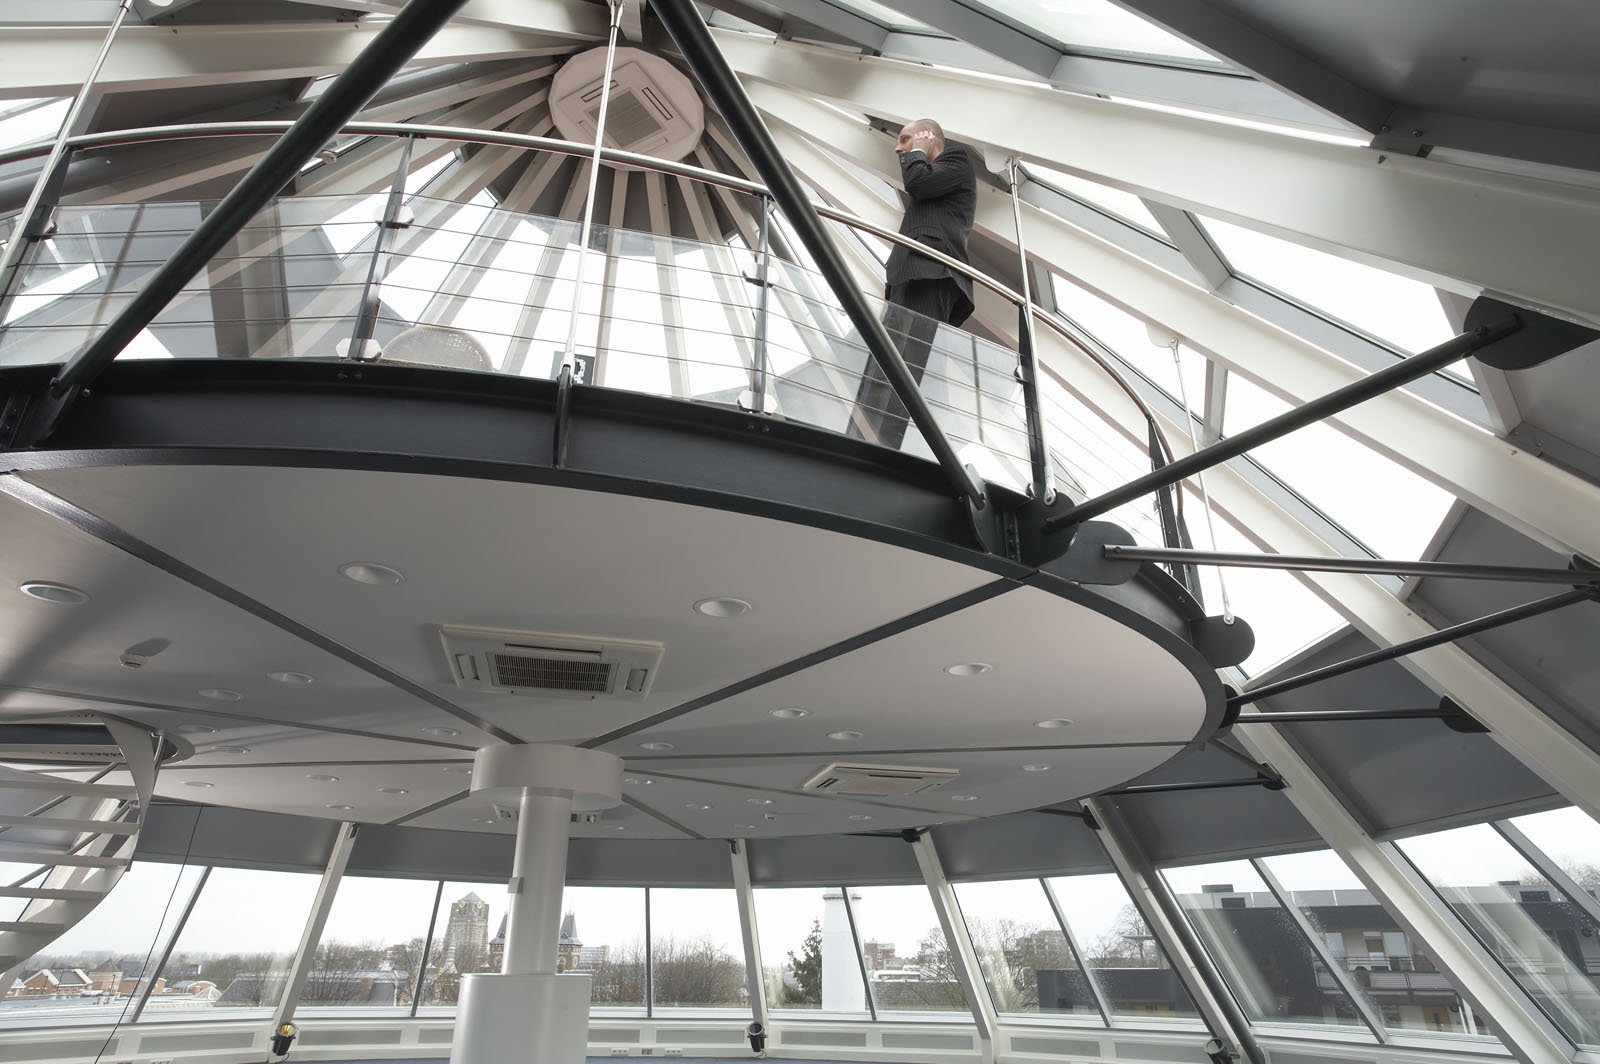 Airco Slaapkamer Inbouwen : Airco slaapkamer inbouwen beste ideen over huis en interieur